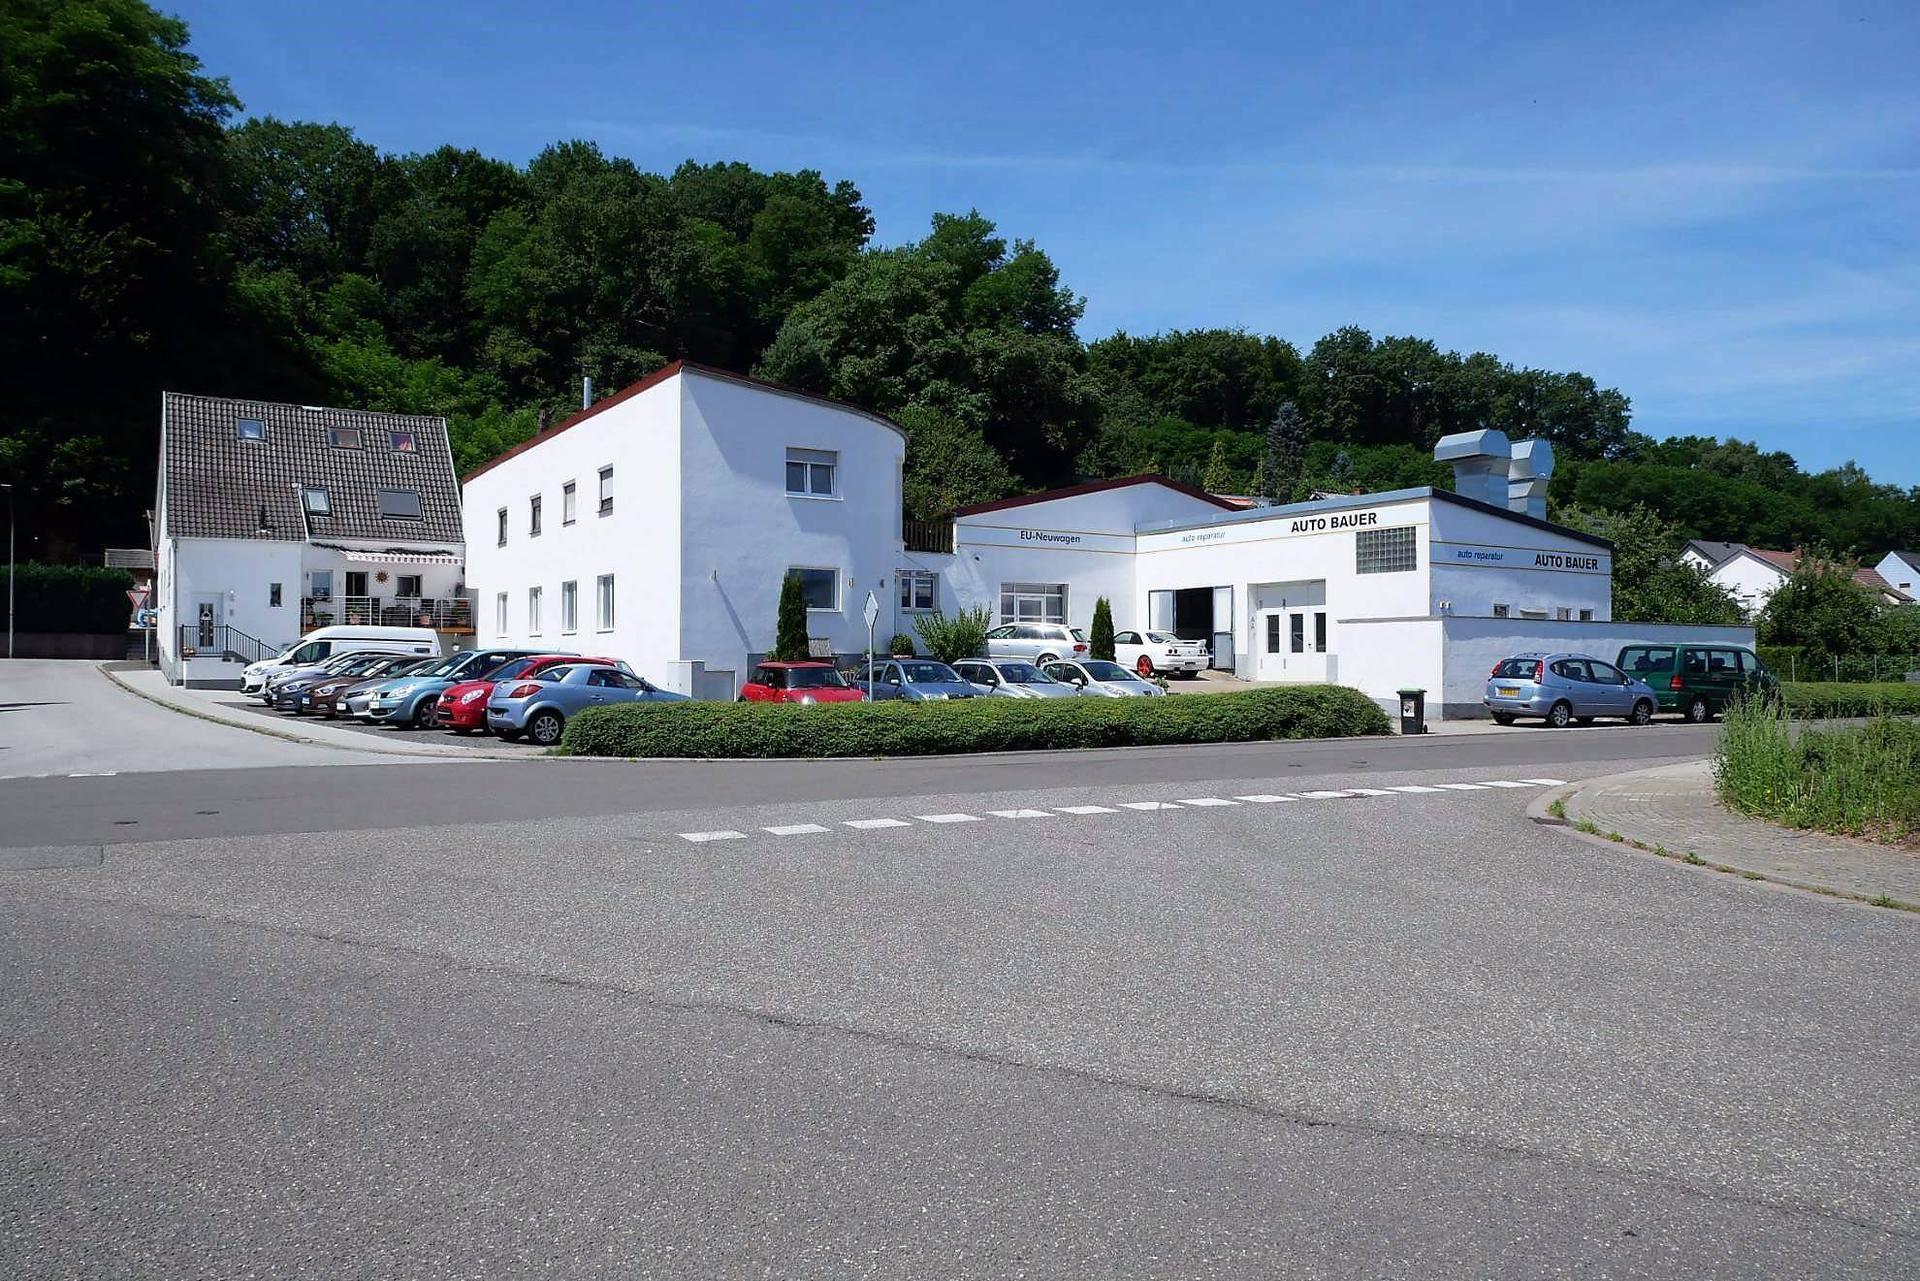 Autrado Lieferant - Auto Bauer zu exklusiven Händlerpreisen